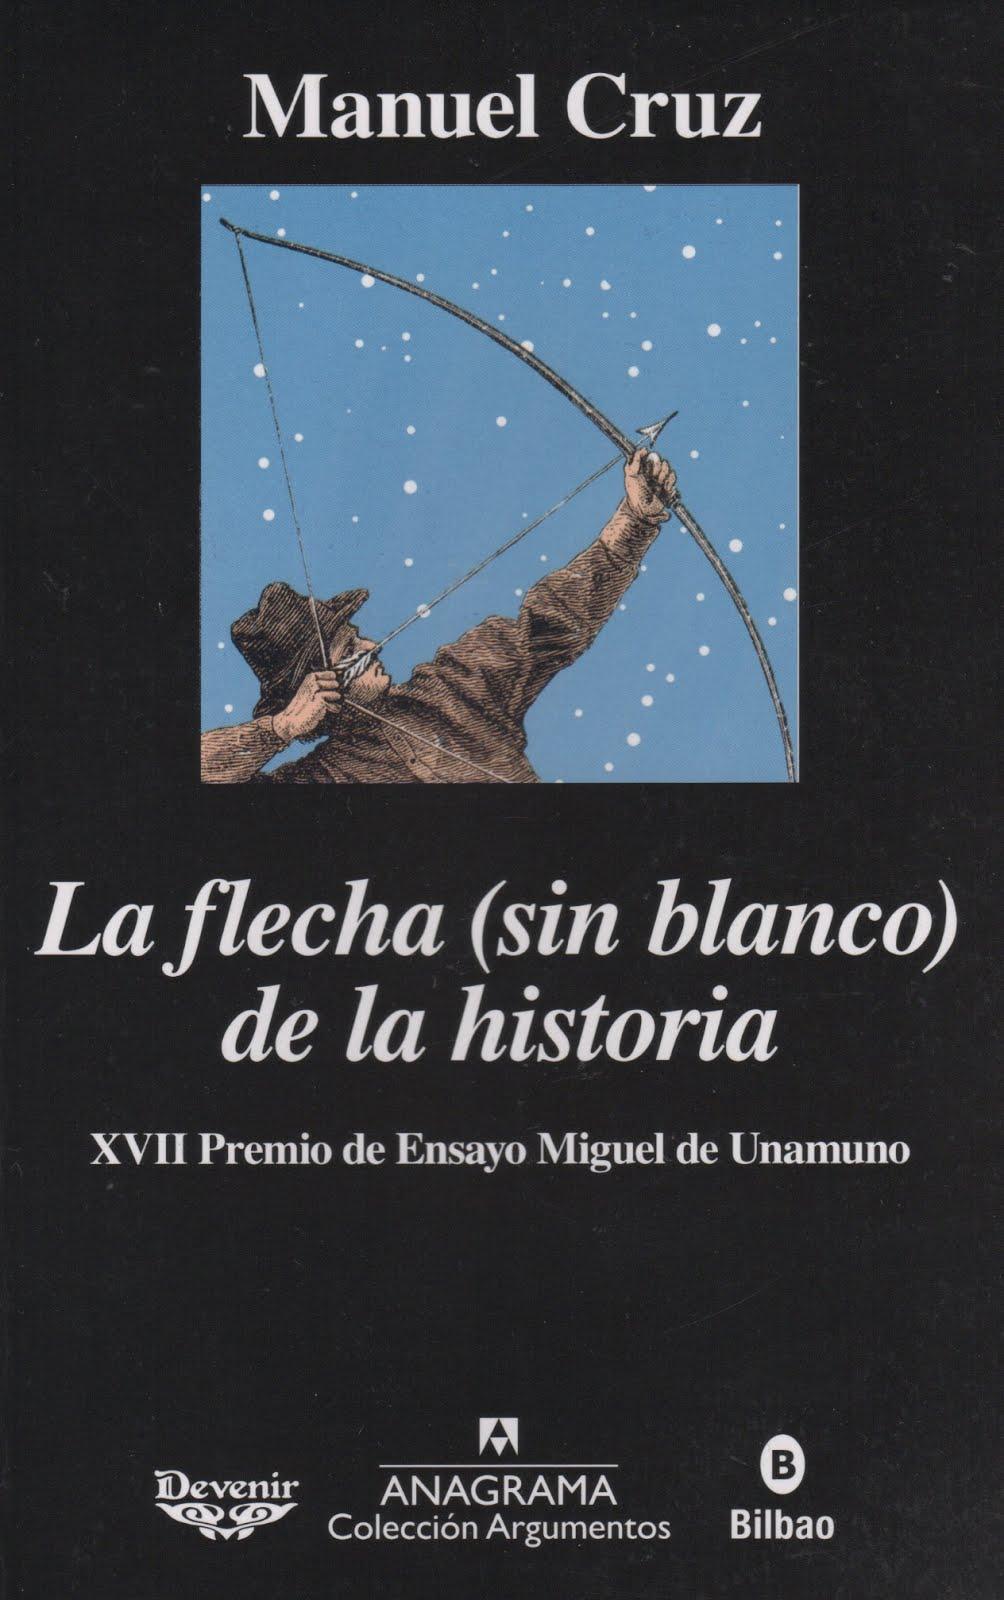 Manuel Cruz (La fecha (sin blanco) de la historia)